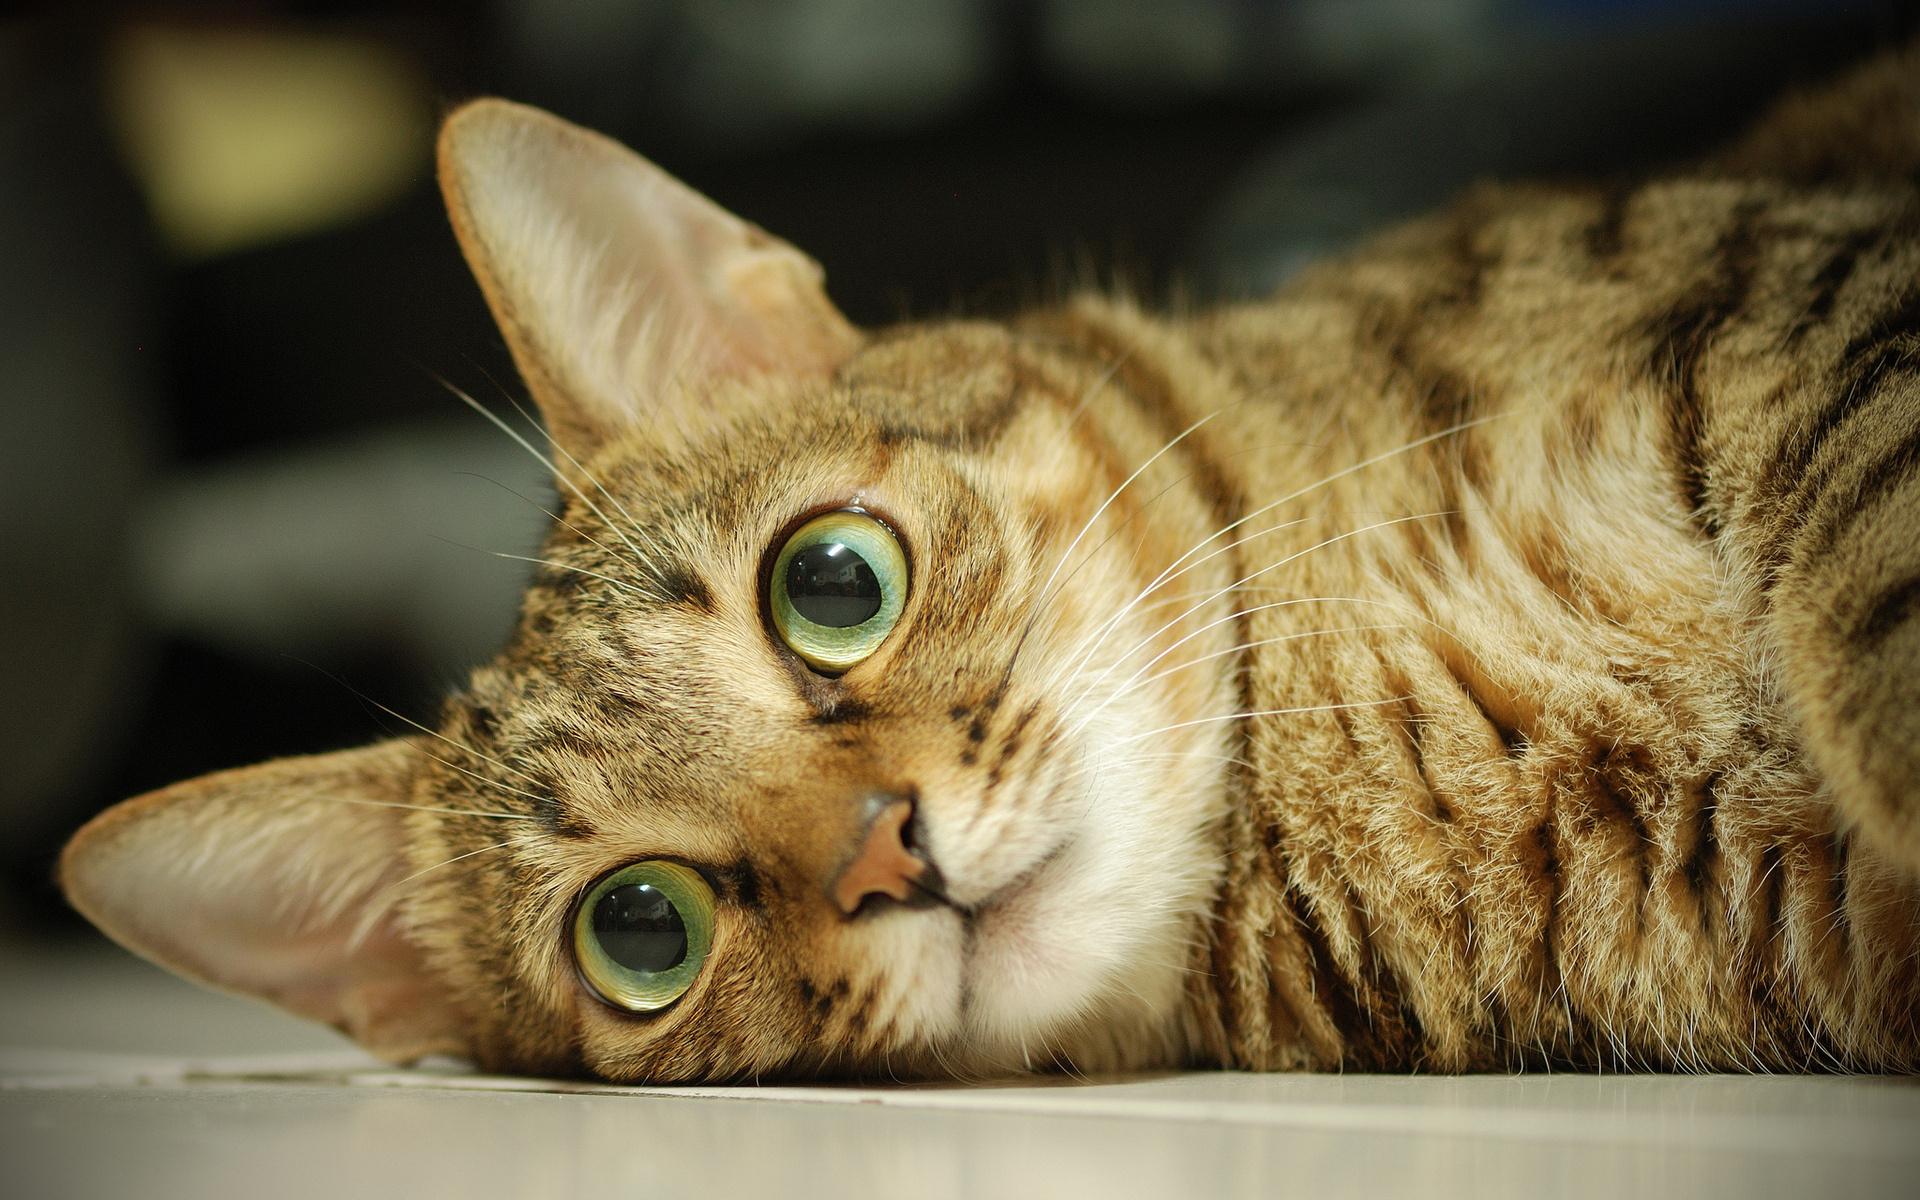 кошка глаза шерсть  № 1963620 бесплатно